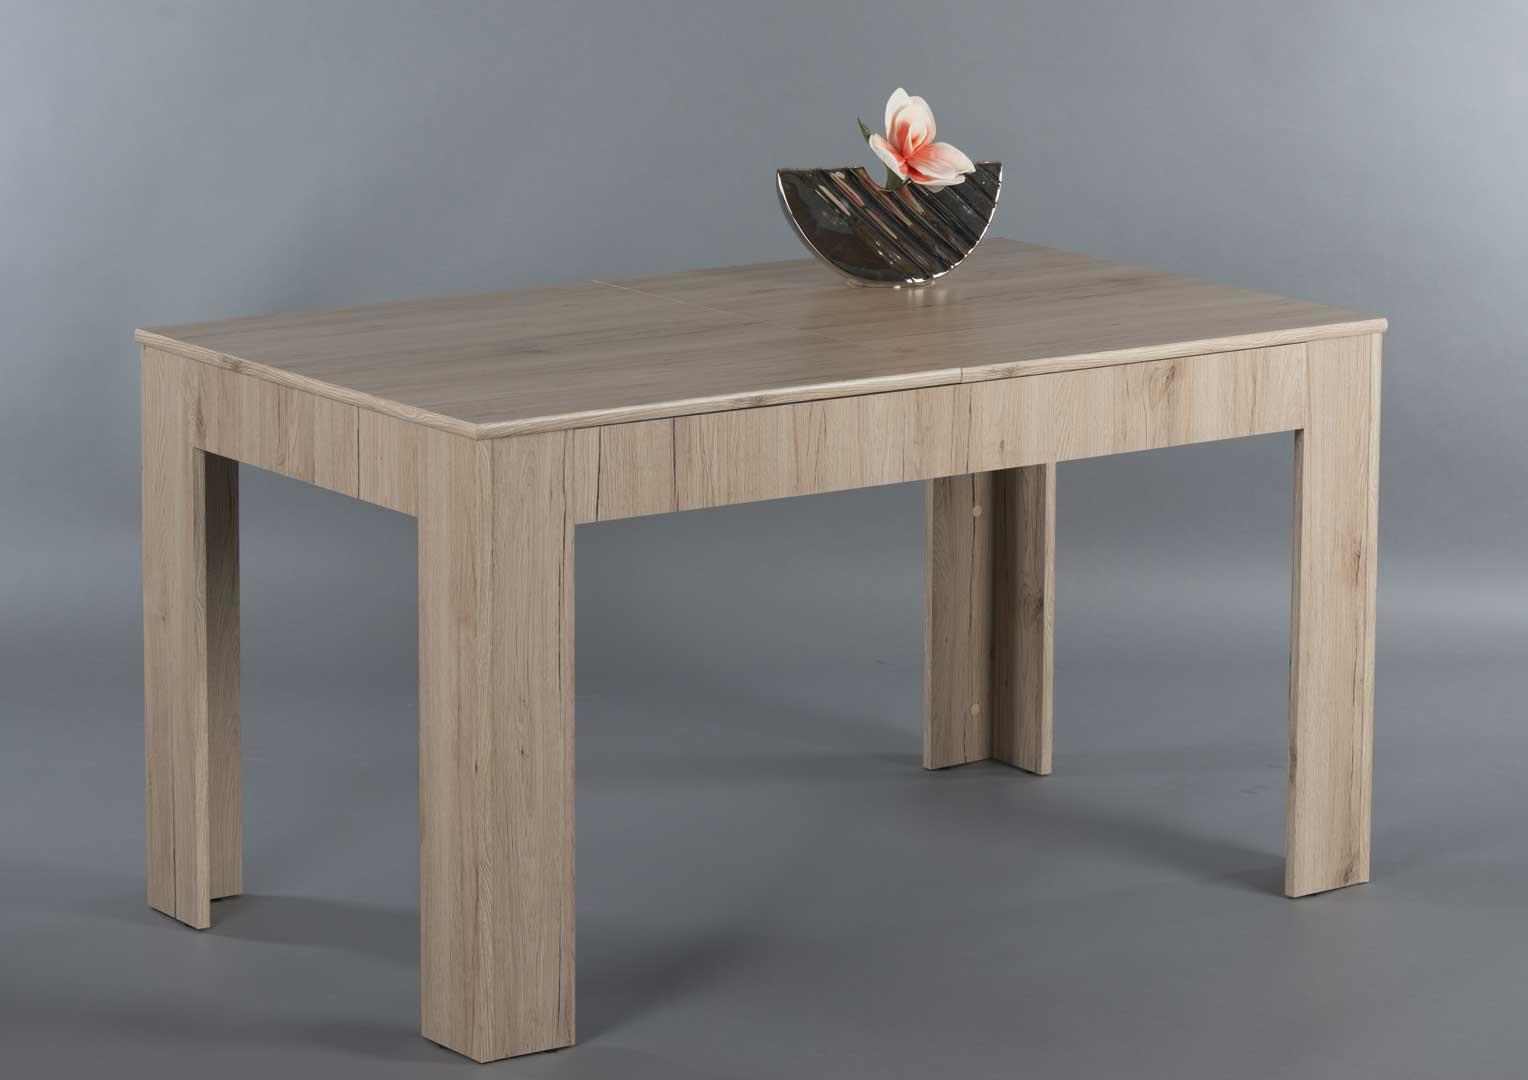 Table de salle à manger extensible contemporaine chêne clair Florine